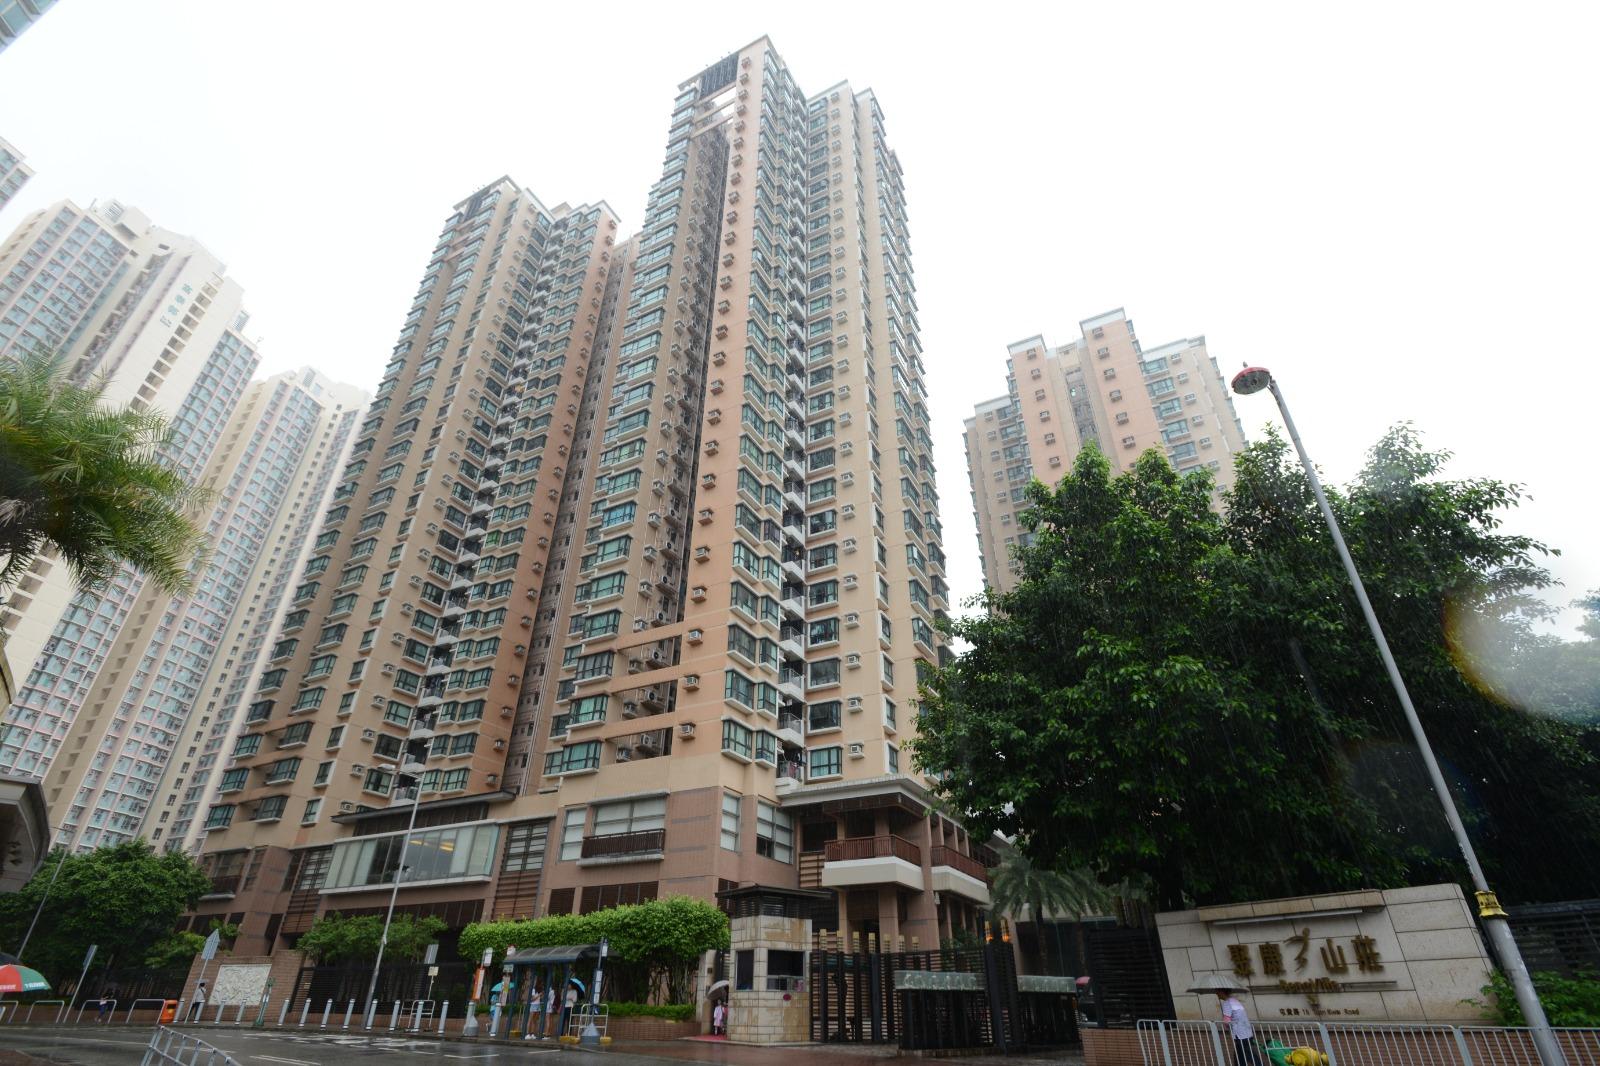 聚康山莊2房1.3萬獲學生承租